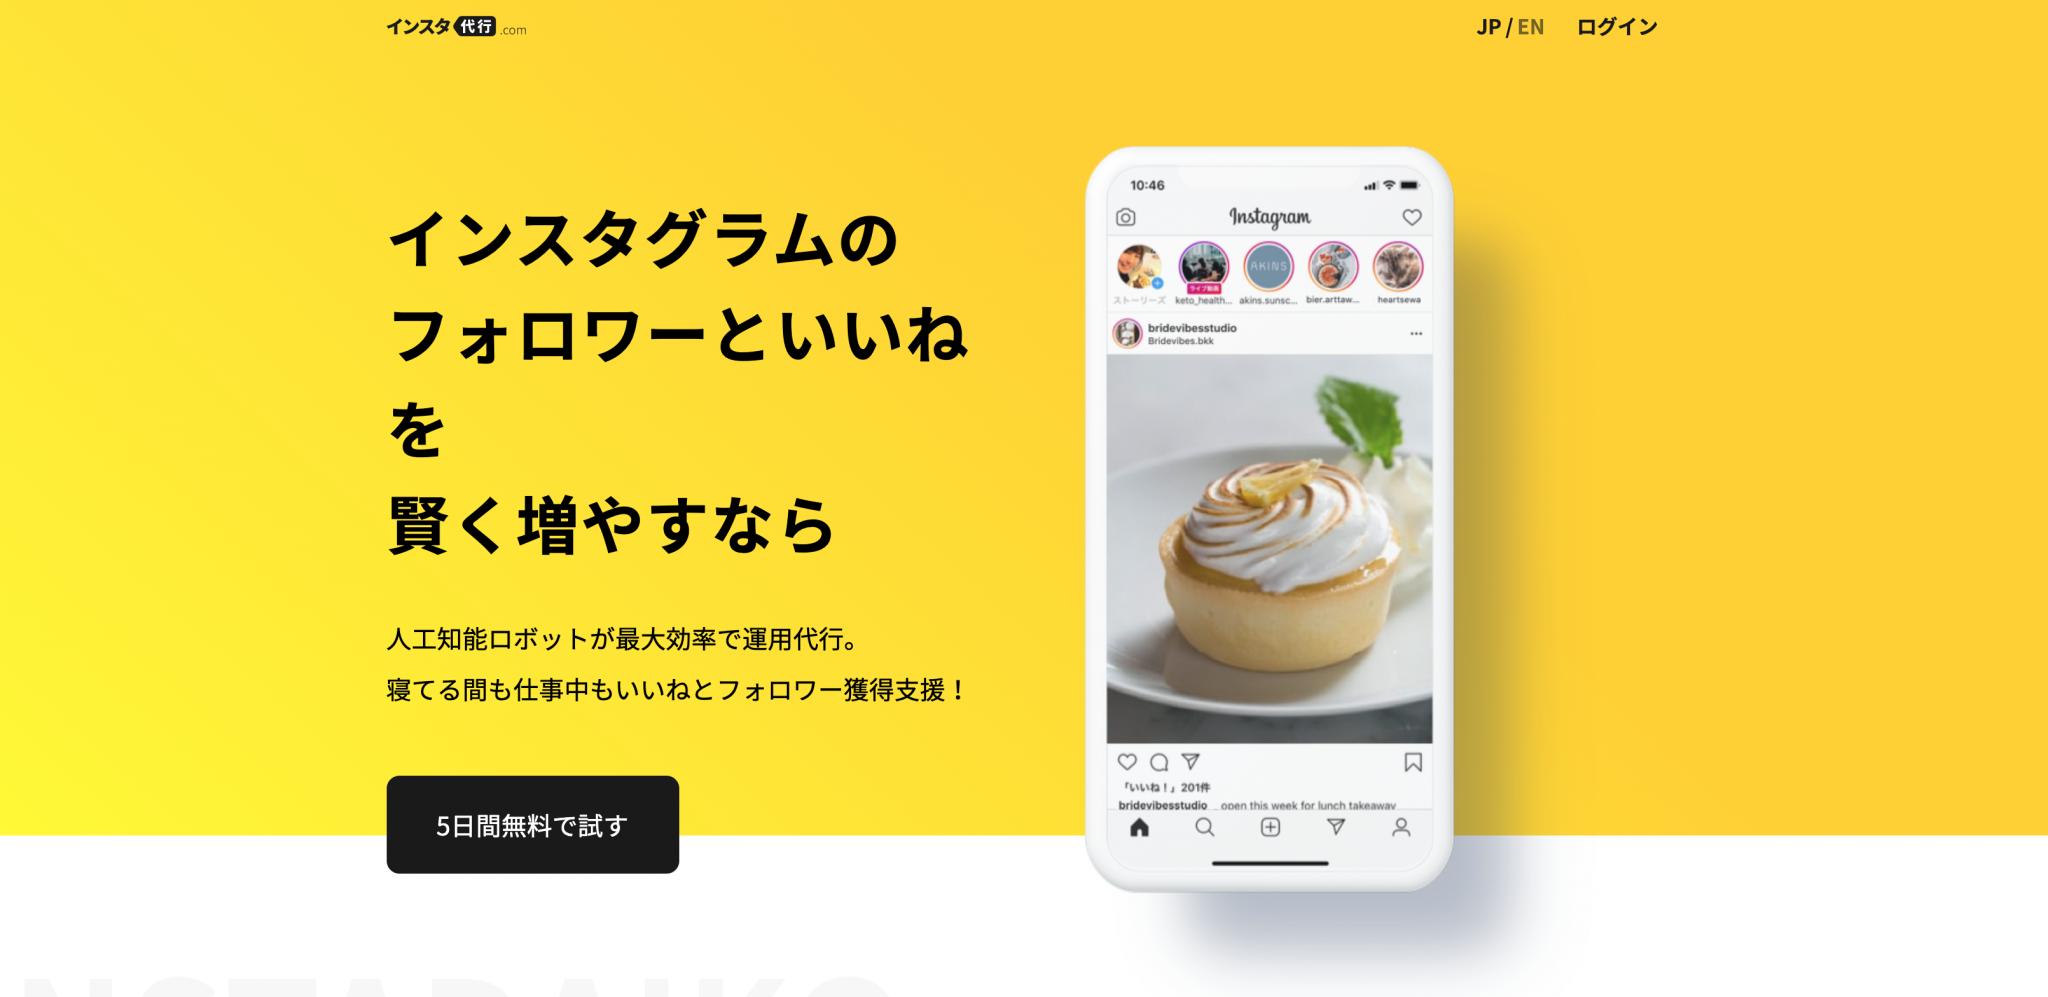 インスタ代行.com